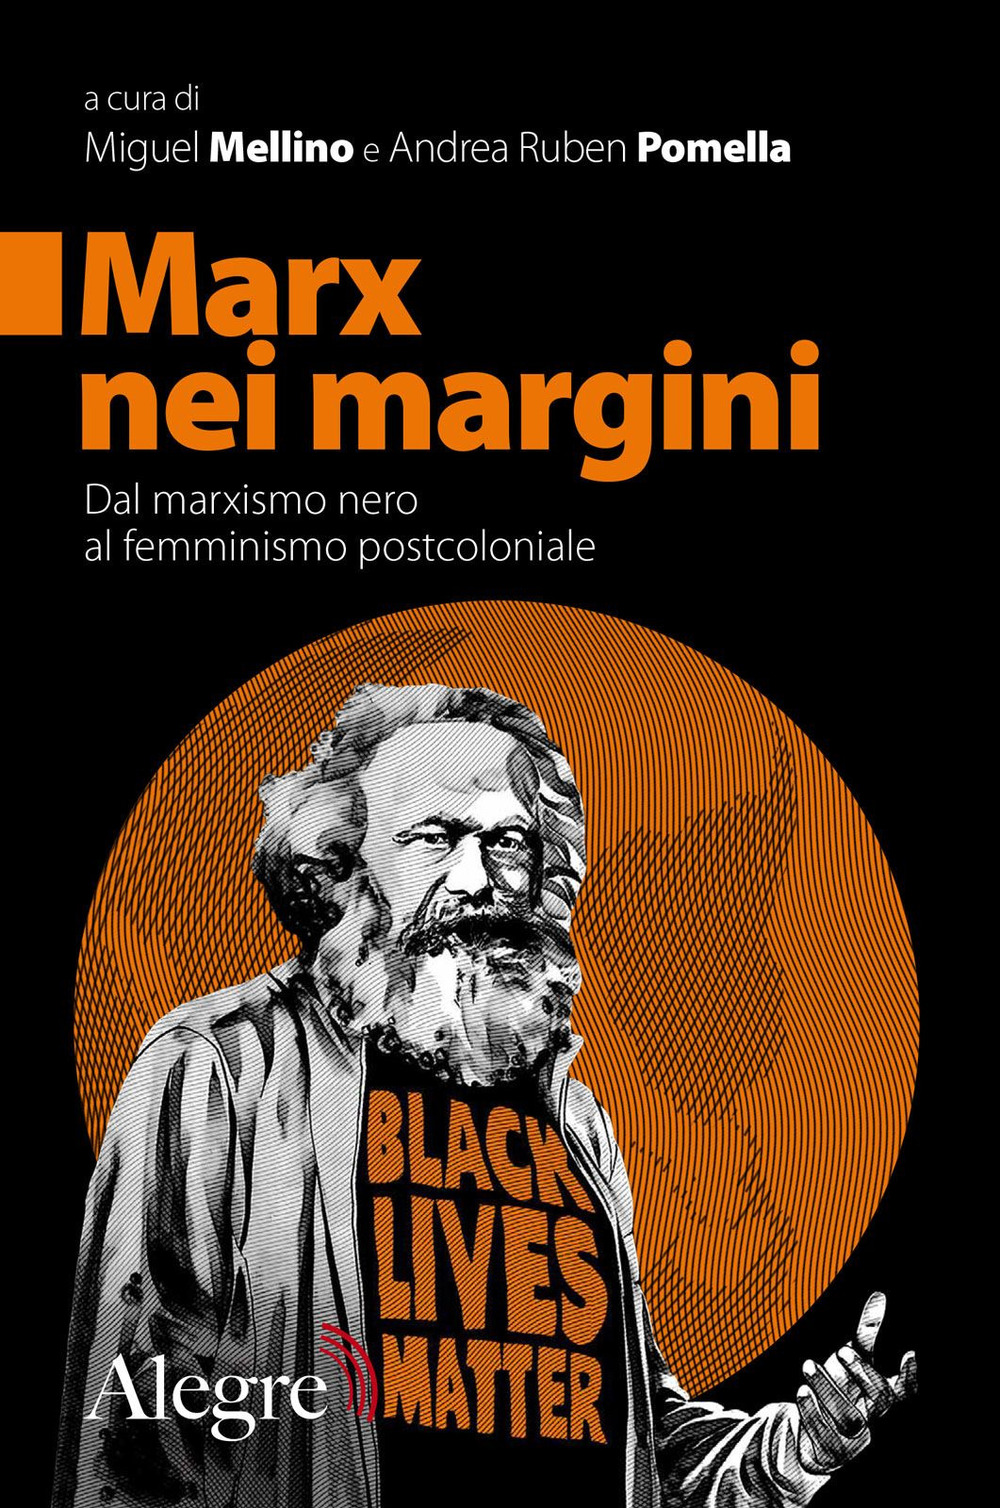 MARX NEI MARGINI. DAL MARXISMO NERO AL FEMMINISMO POSTCOLONIALE - Mellino M. (cur.); Pomella A. R. (cur.) - 9788832067132